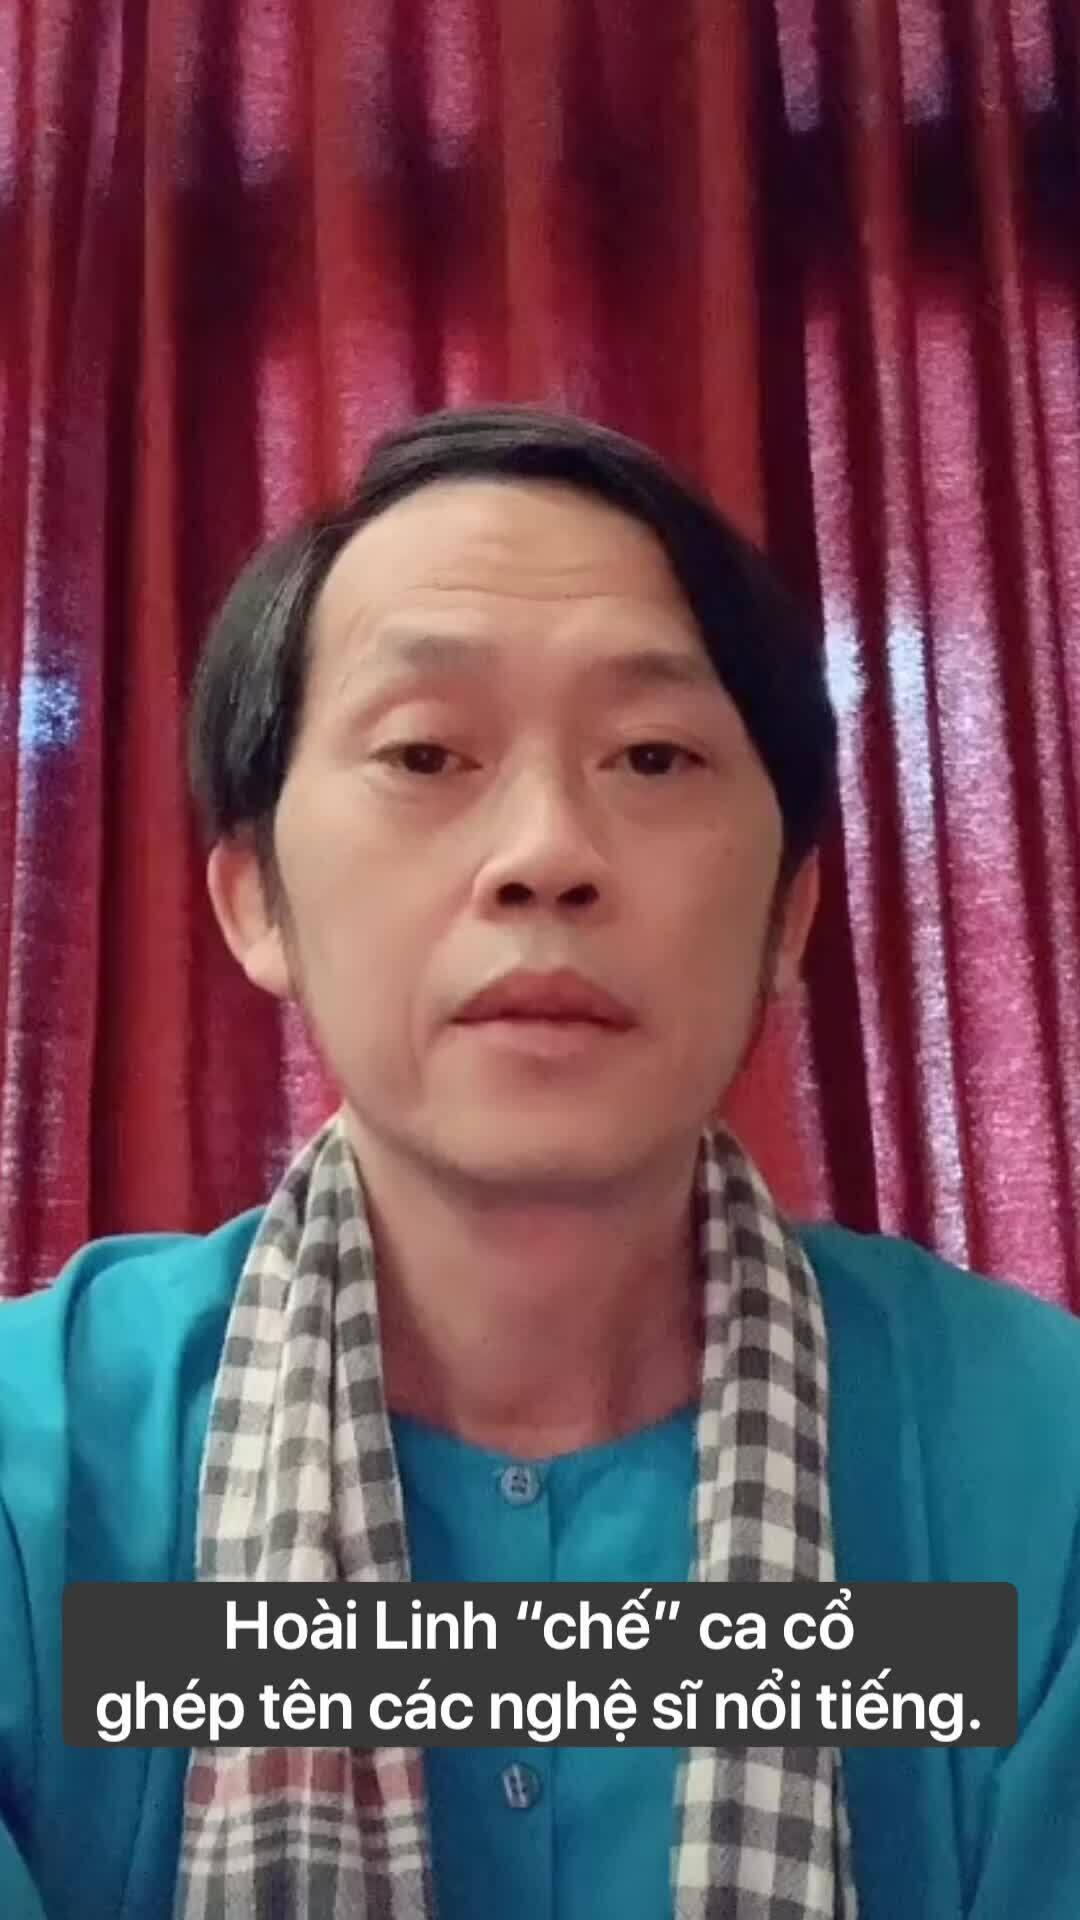 NSƯT Hoài Linh trở thành hiện tượng mạng xã hội